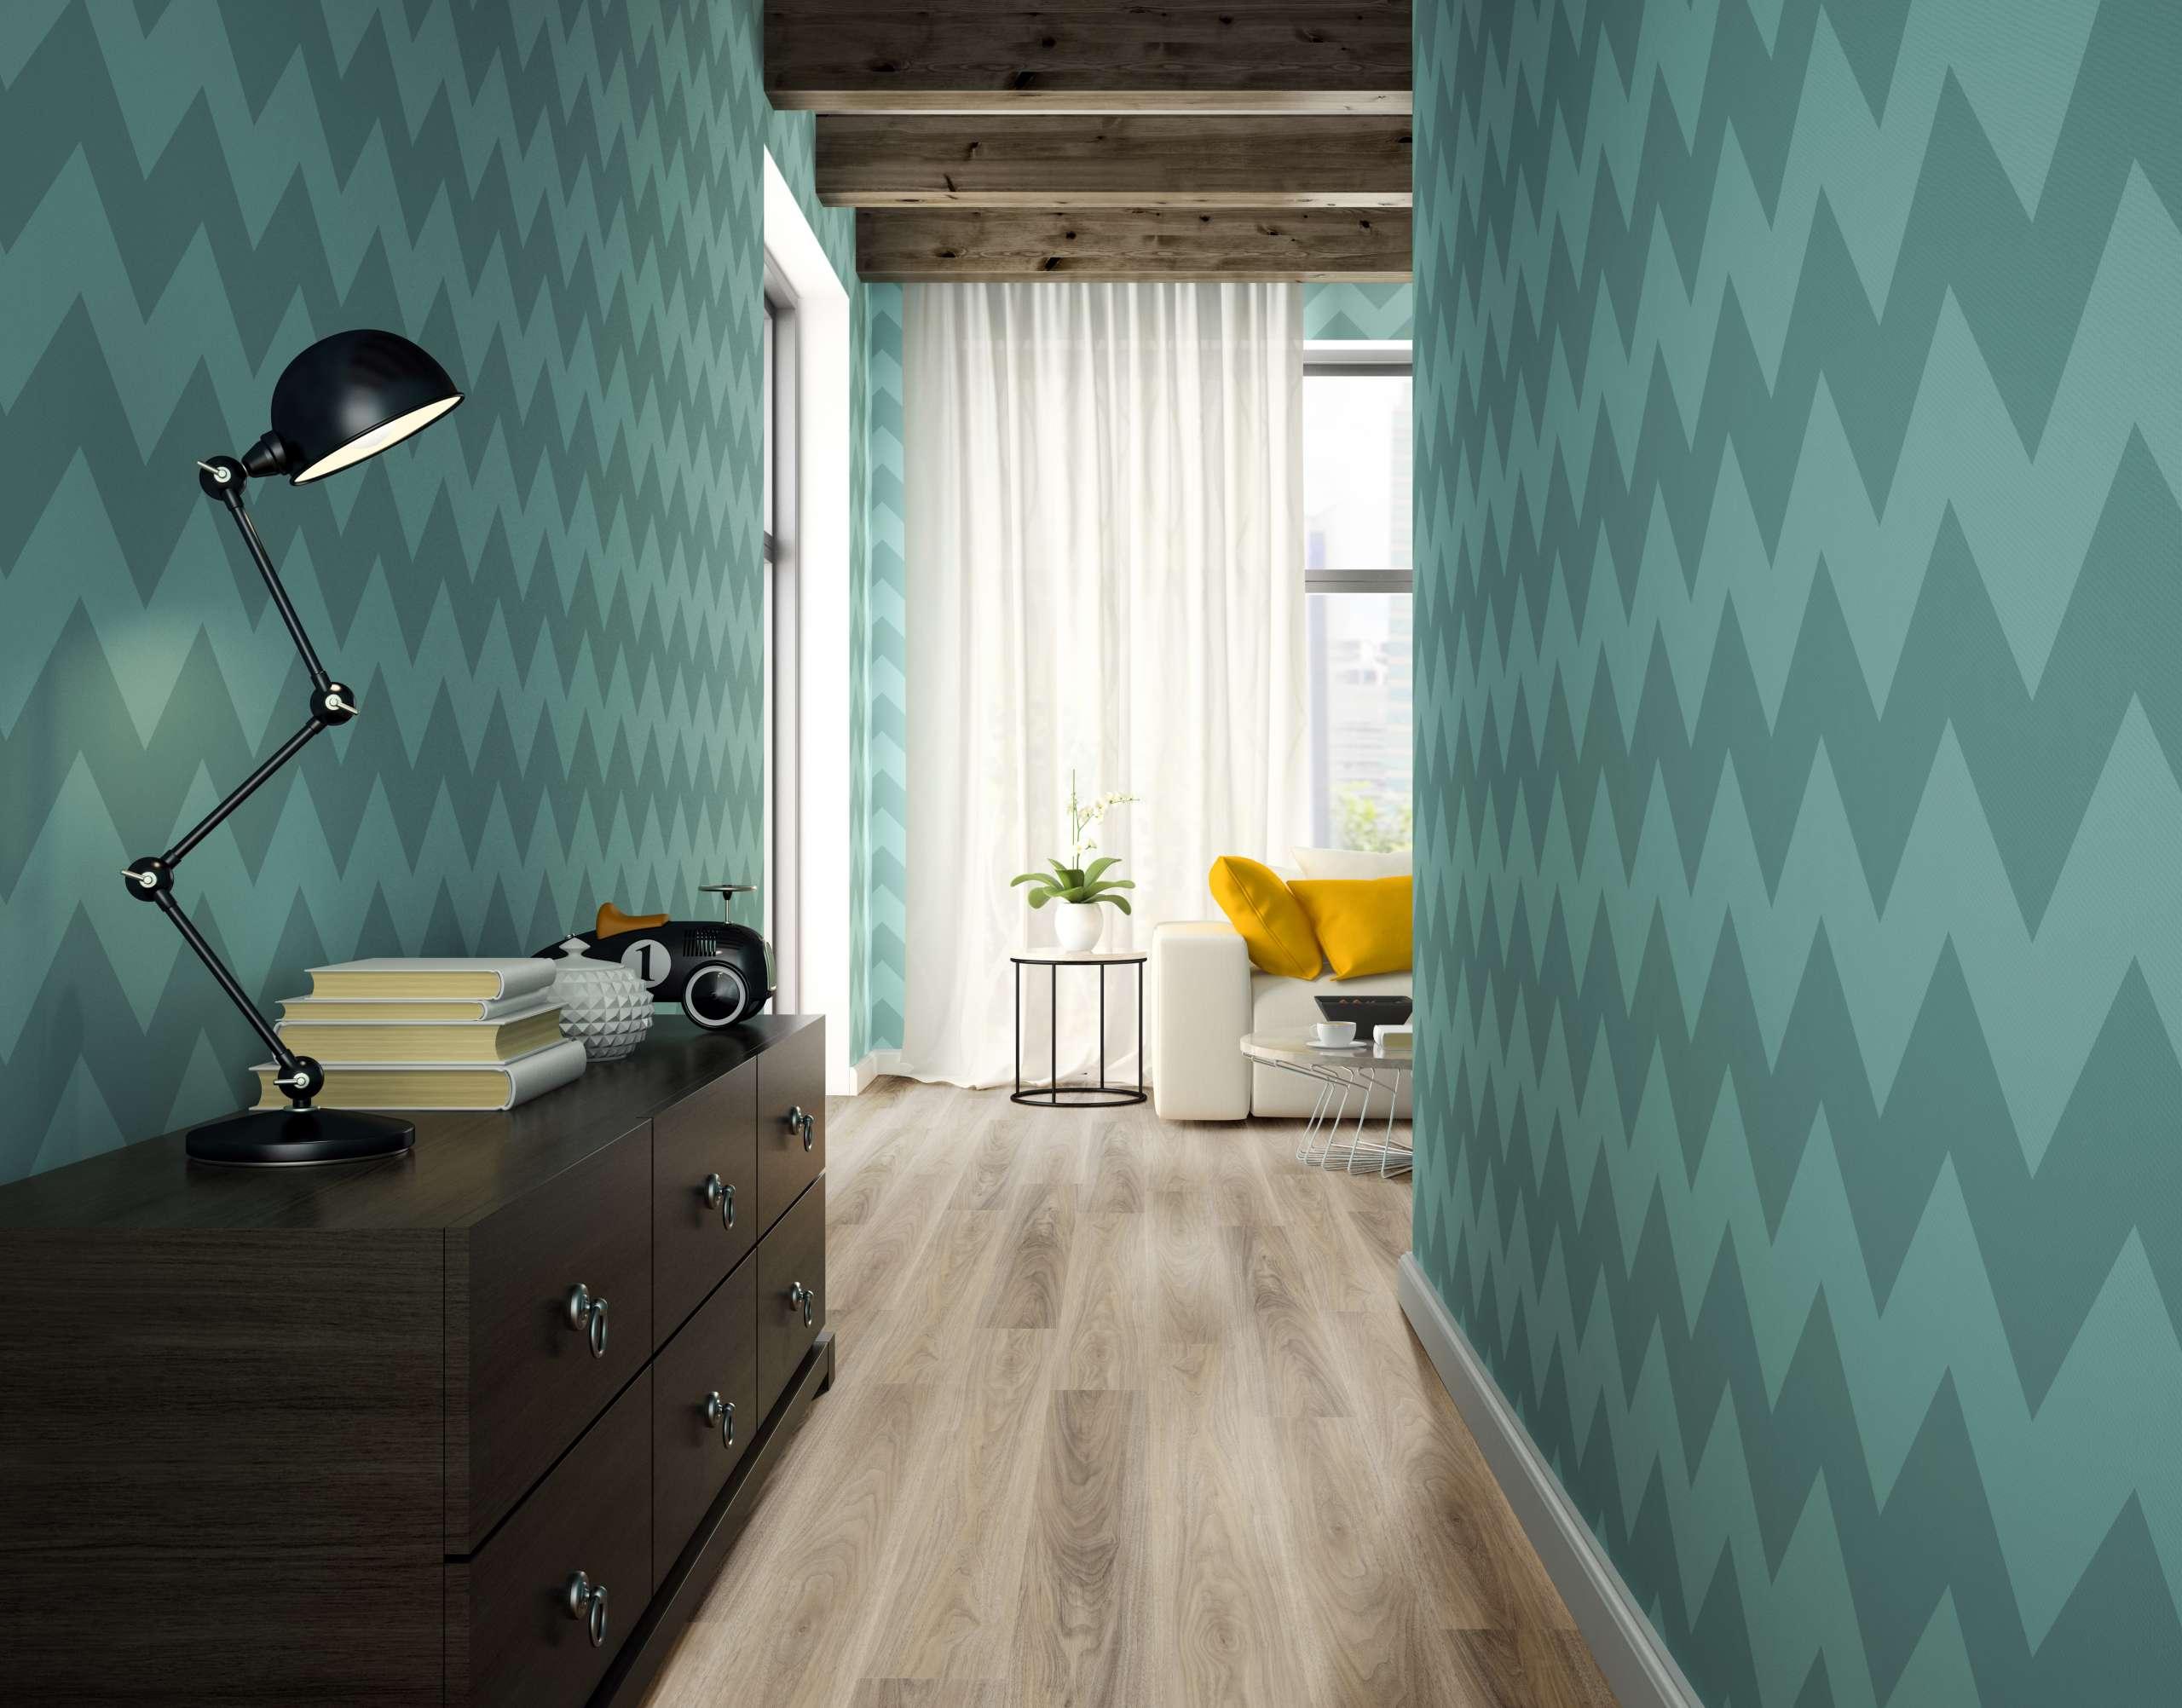 Corredor residencial com papel de parede e piso vinílico amadeirado